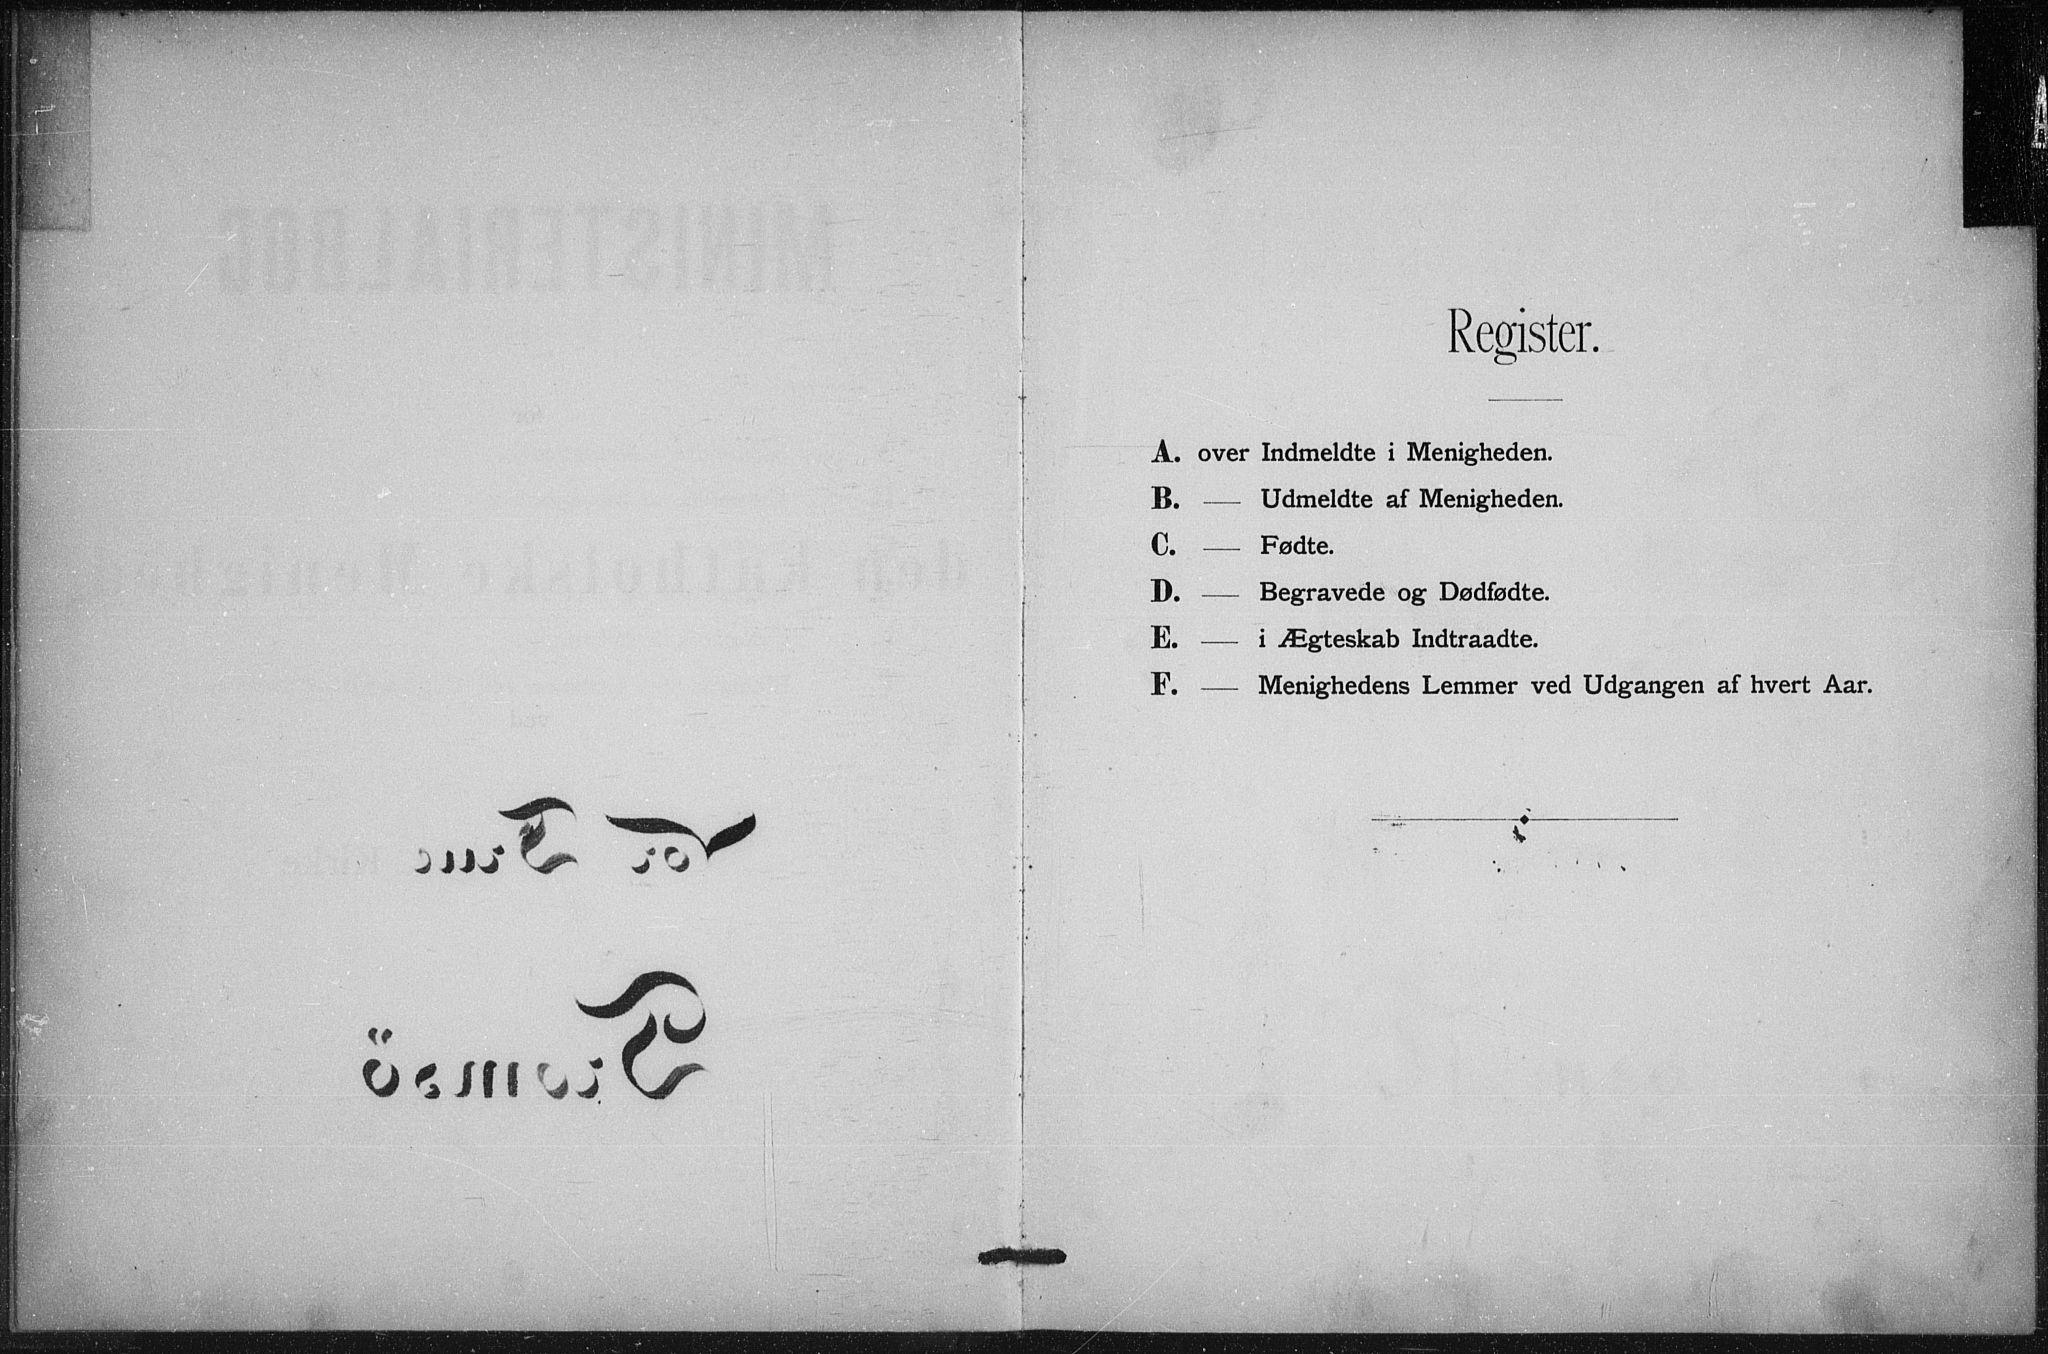 SATØ, Uten arkivreferanse, Dissenterprotokoll nr. DP 2, 1890-1902